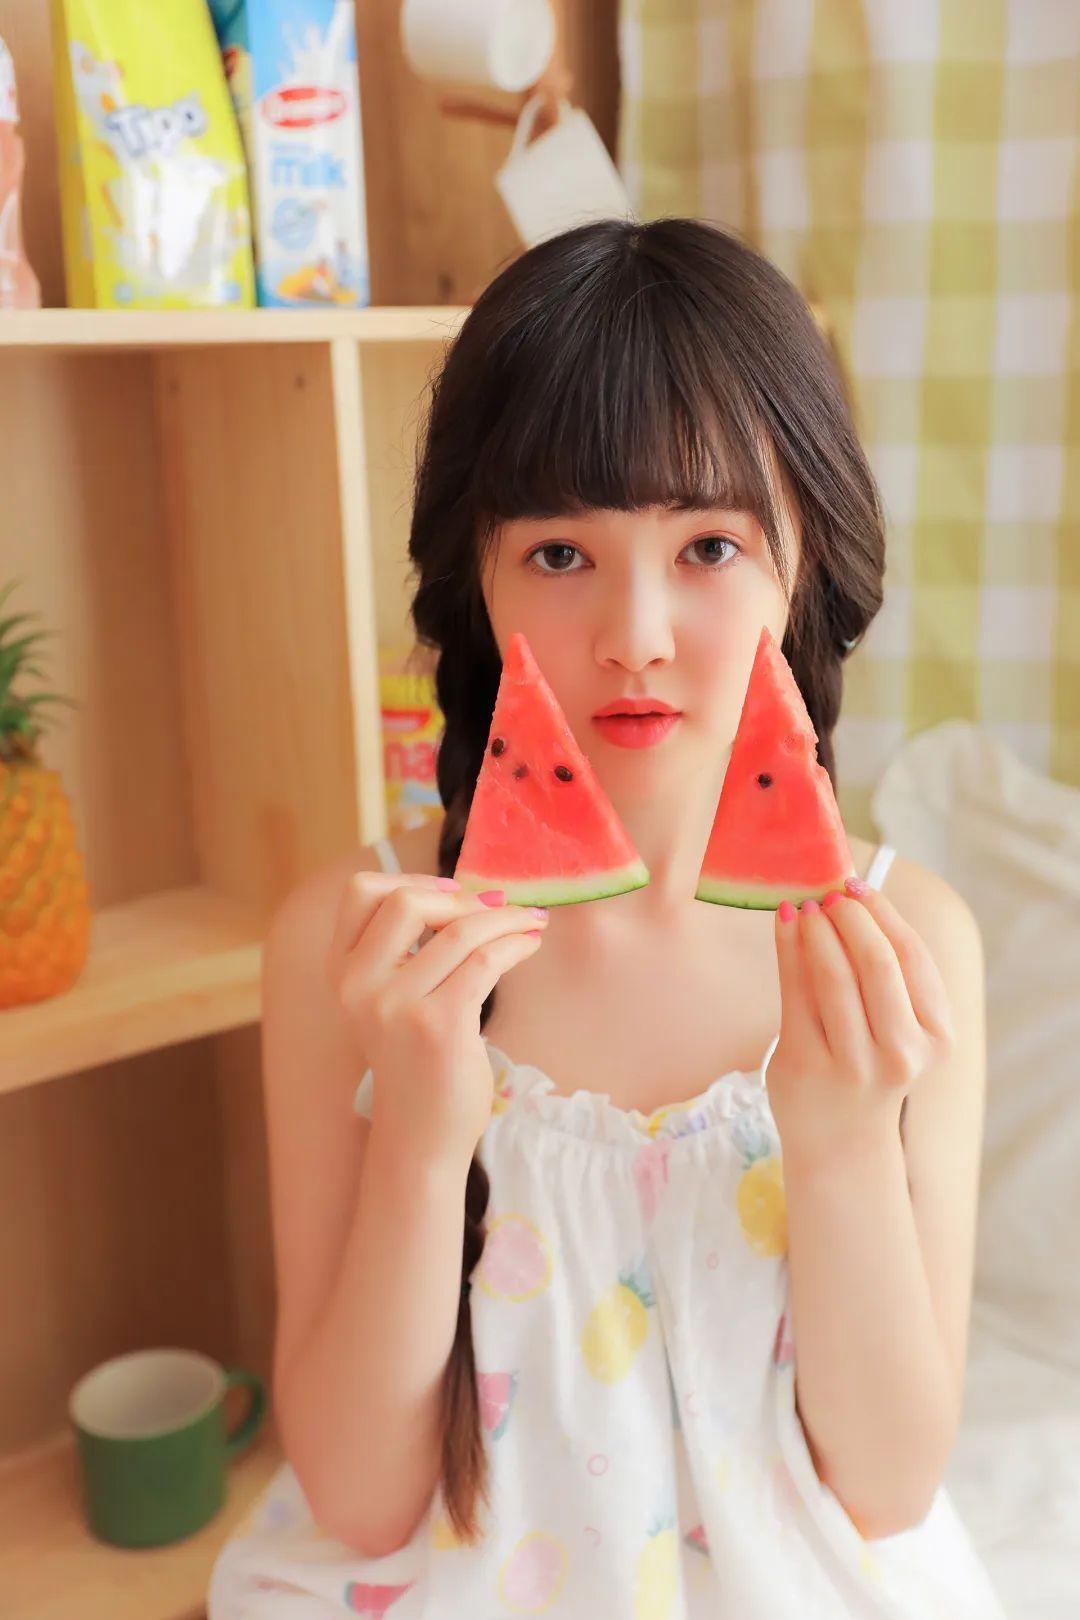 妹子摄影 – 甜美连衣裙双马尾少女吃西瓜_图片 No.10